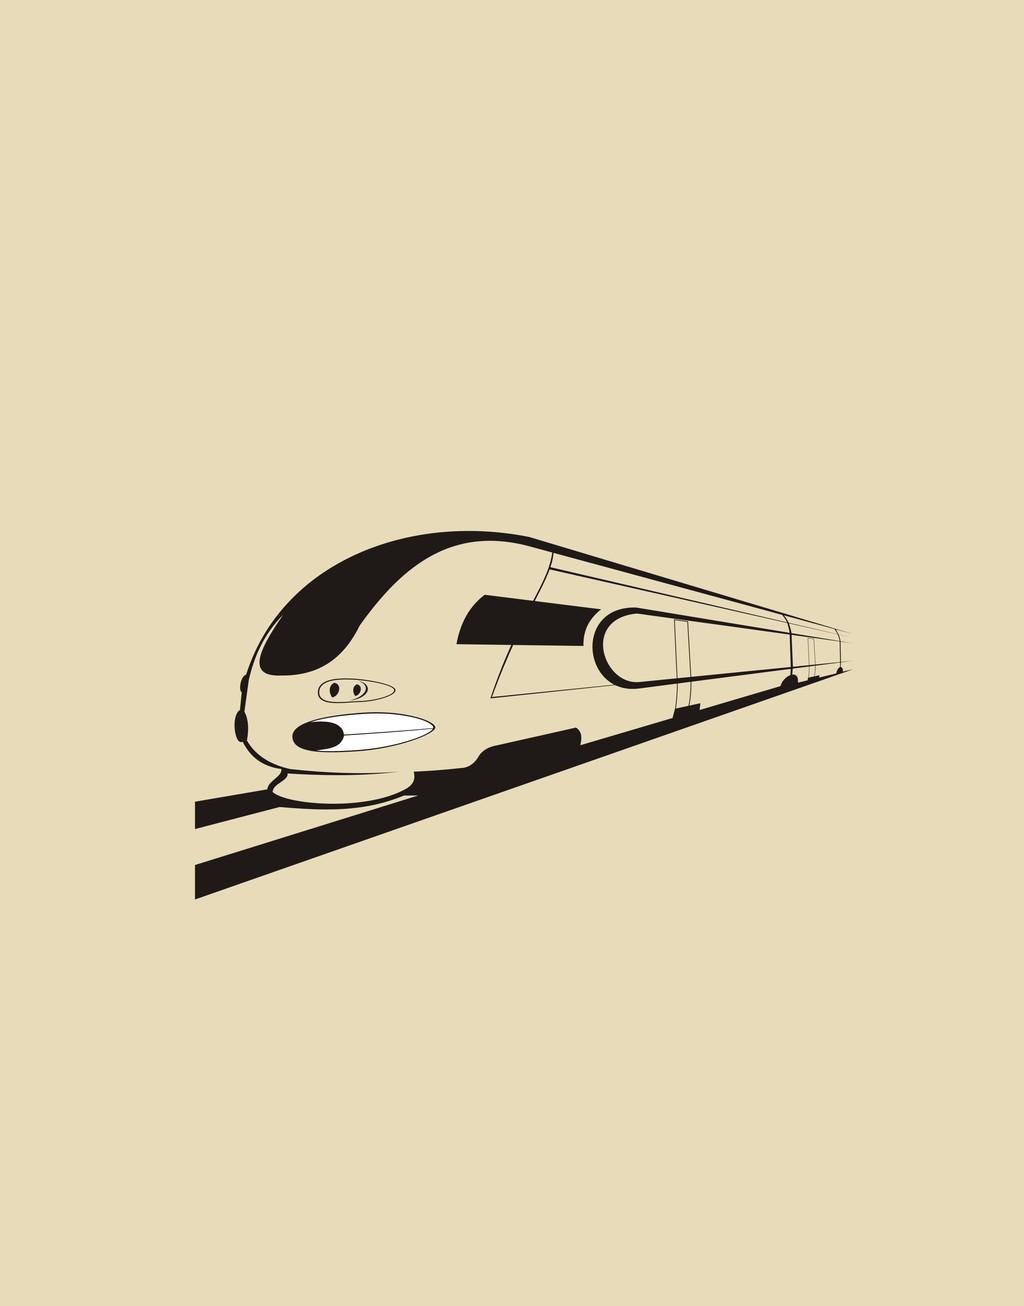 火车卡通高铁简笔画手绘黑白交通工具